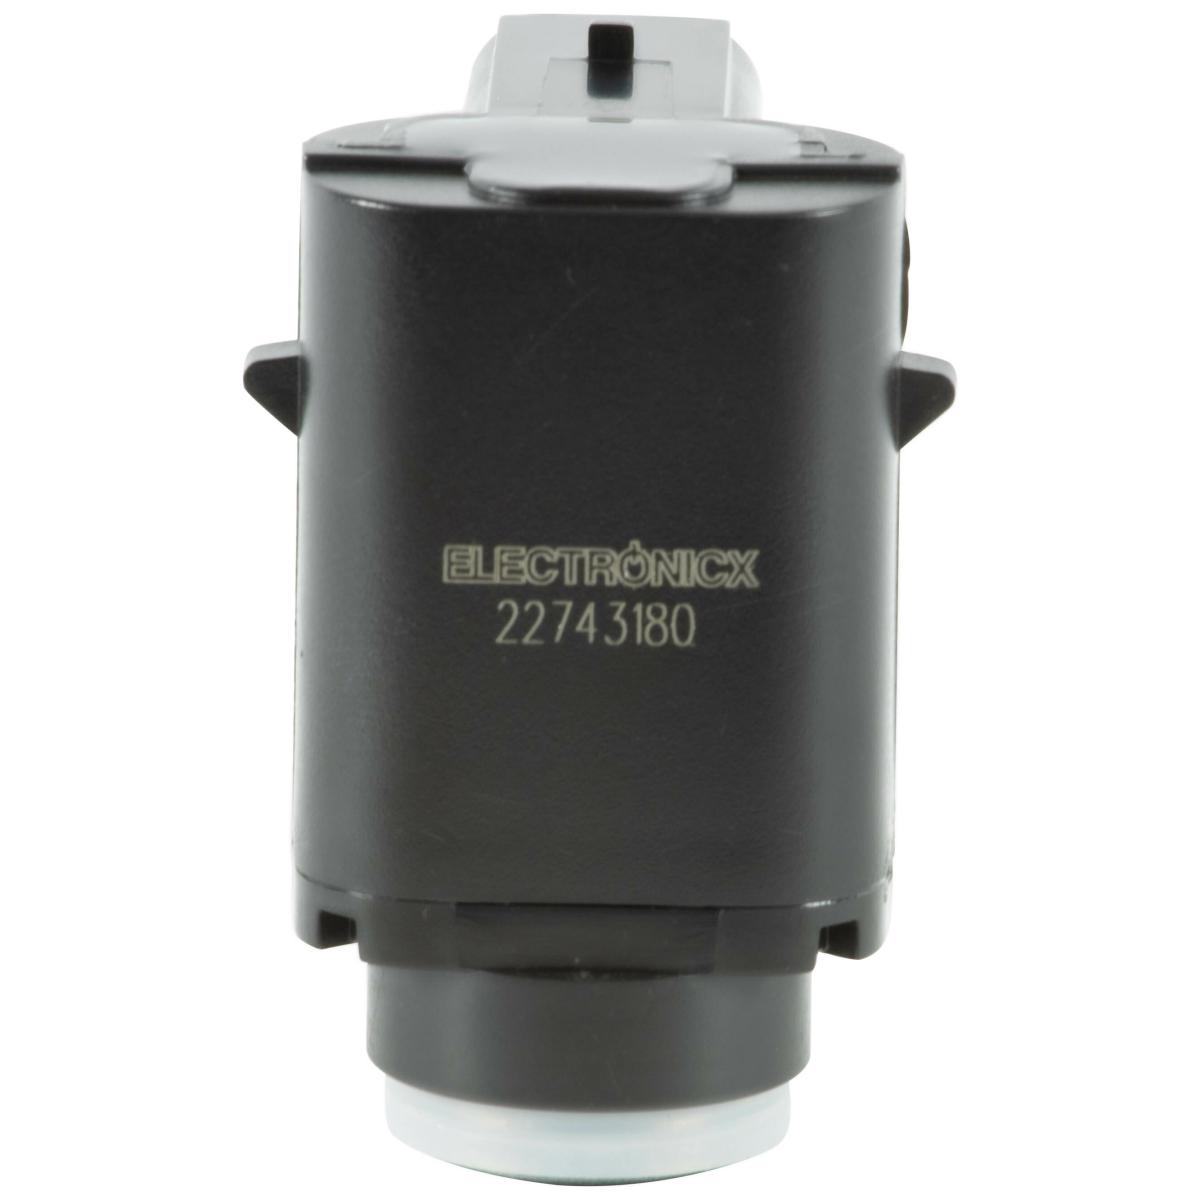 Park sensor 22743180 for Chevrolet PDC Parktronic